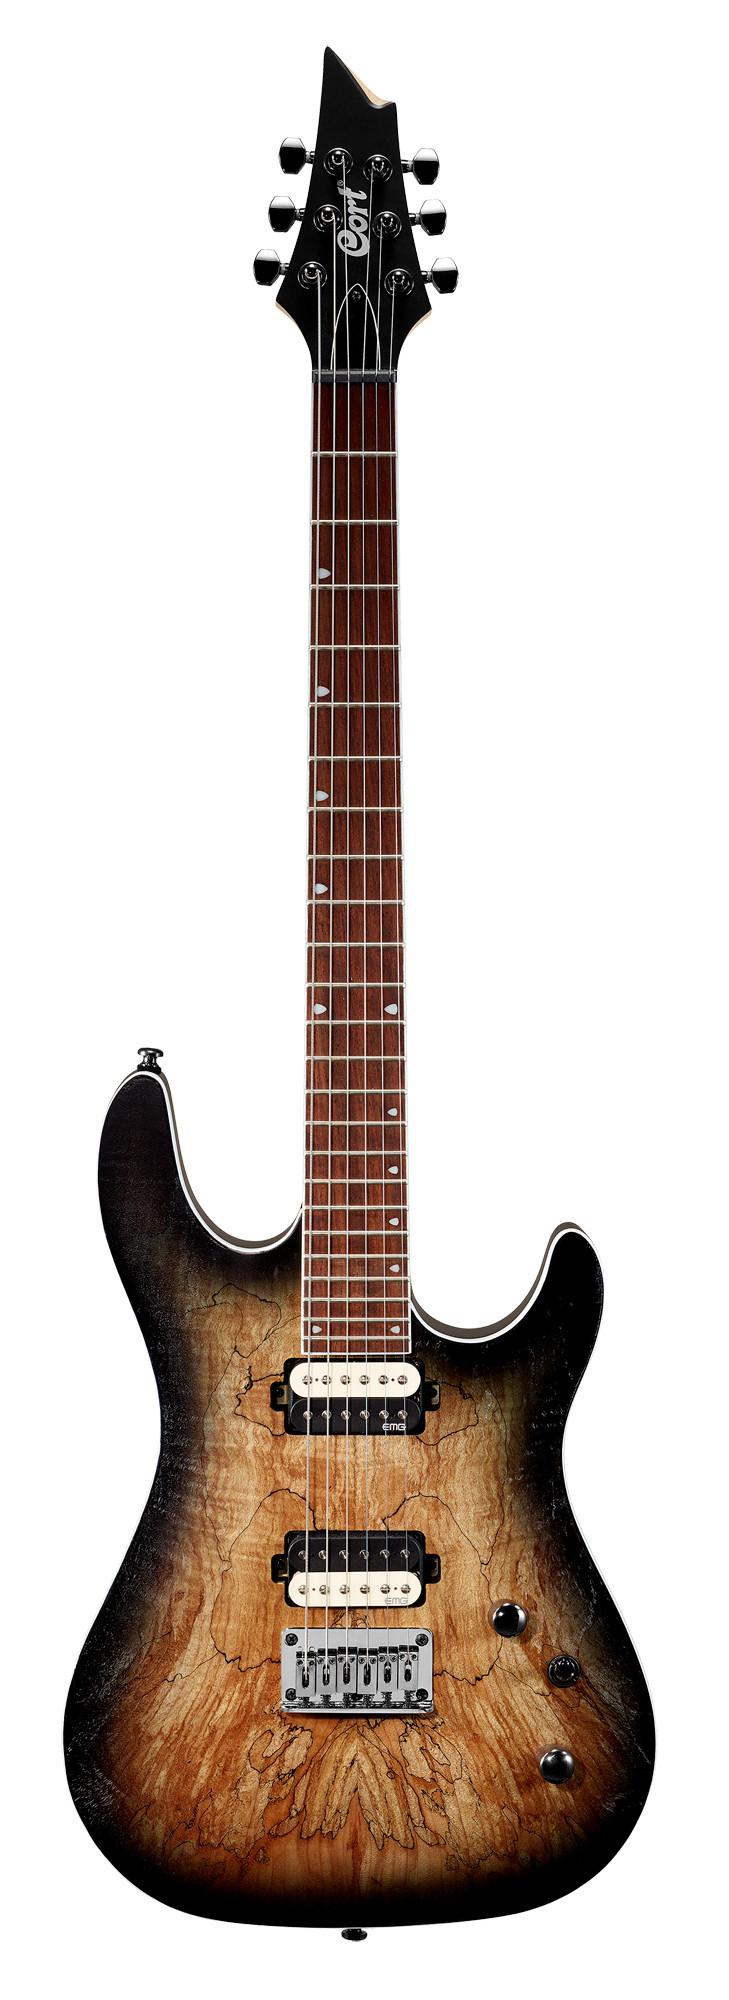 Guitare électrique KX300OPRB - Voir en grand